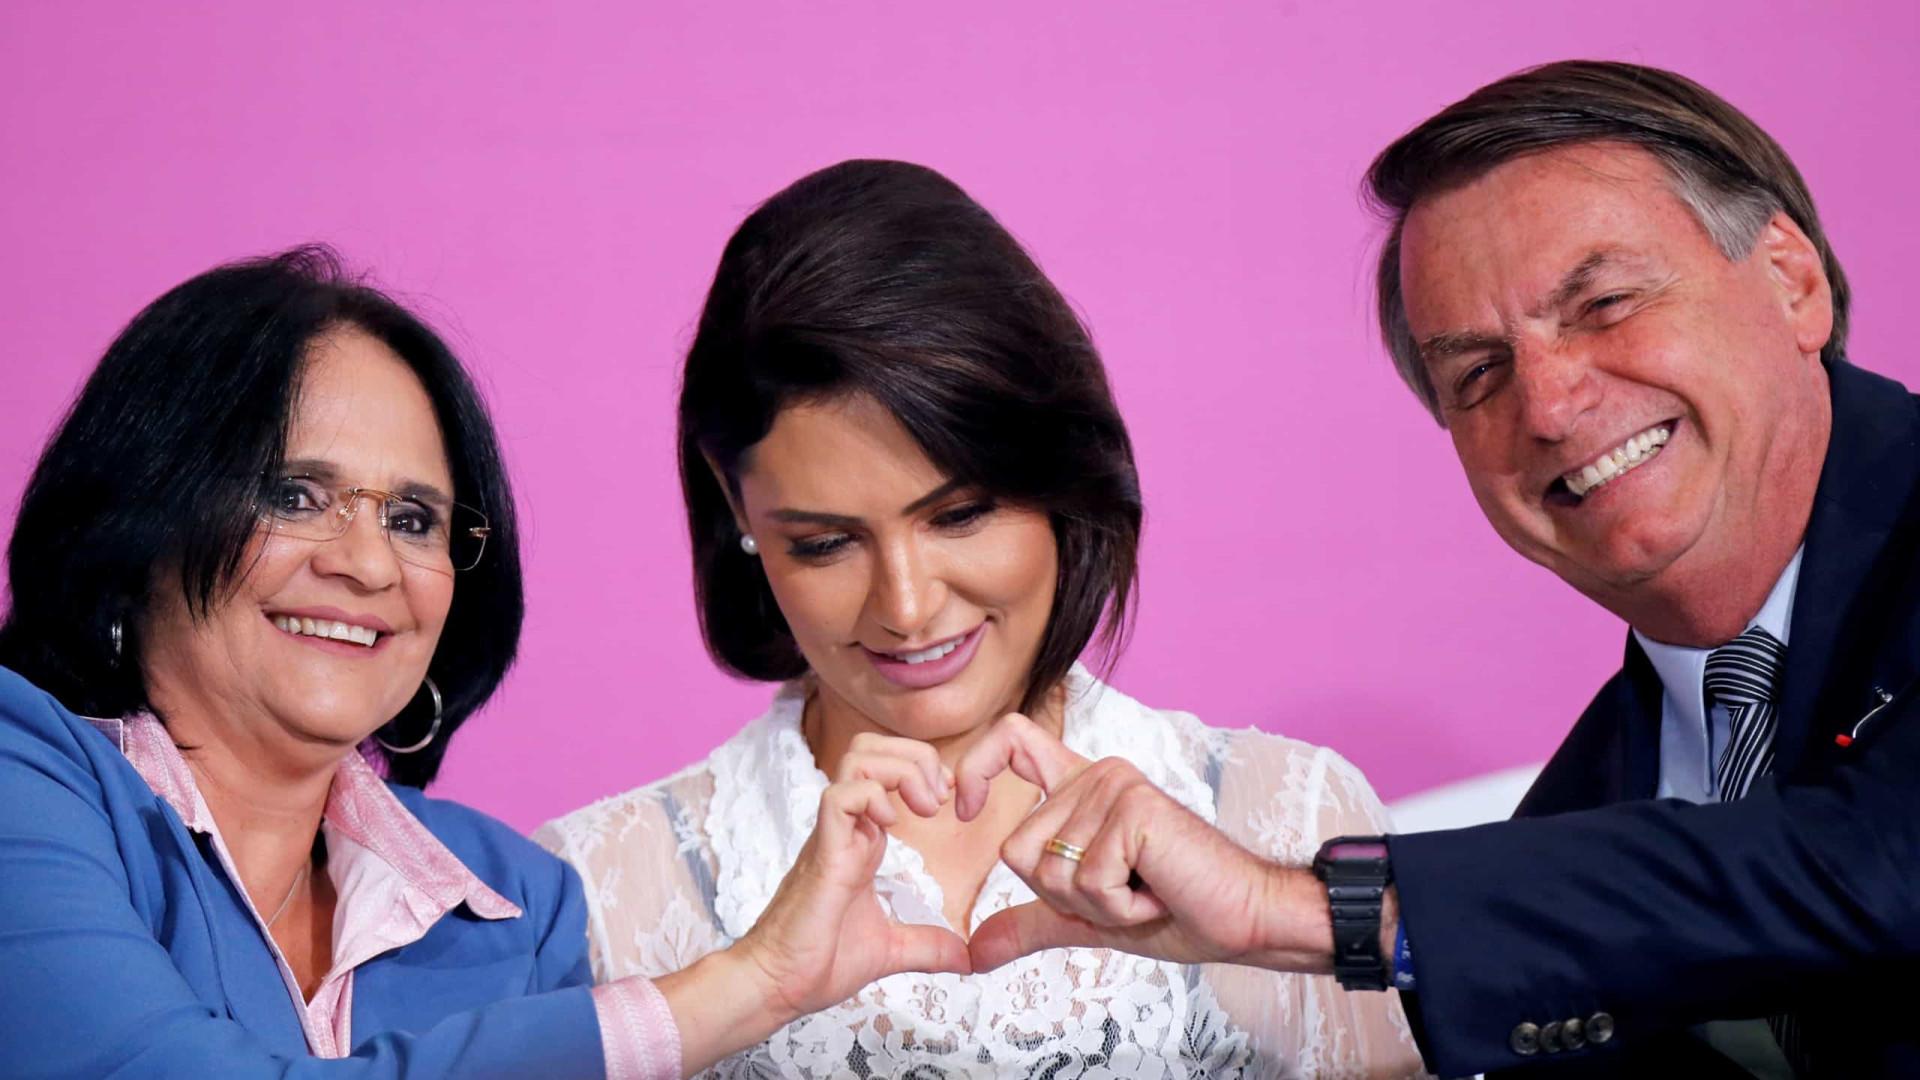 Oposição quer investigar repasse a programa de Michelle de R$ 7,5 milhões